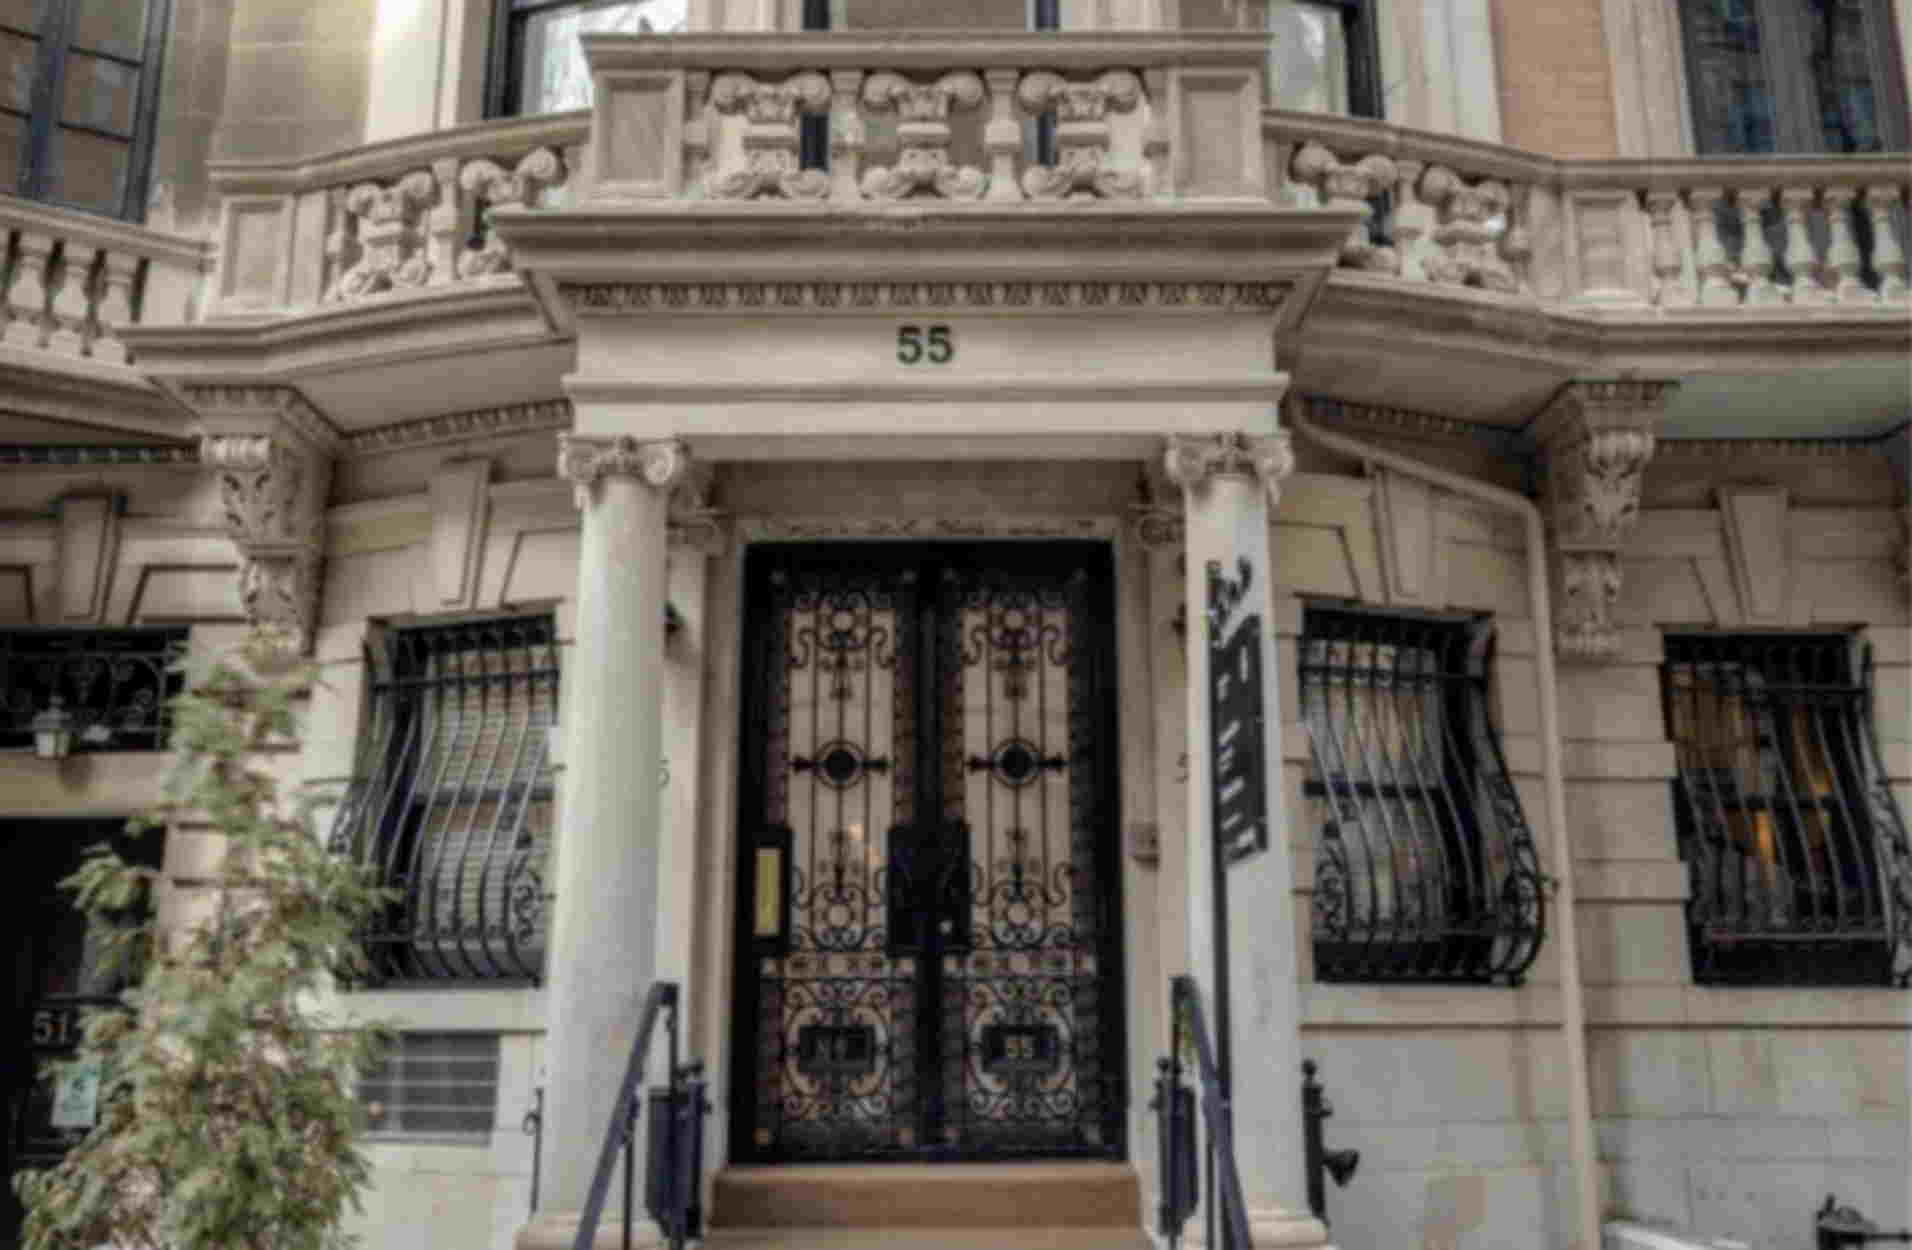 Το αρχοντικό των 16 εκατ. δολαρίων της πρώην Πρώτης Κυρίας, Έλενορ Ρούσβελτ